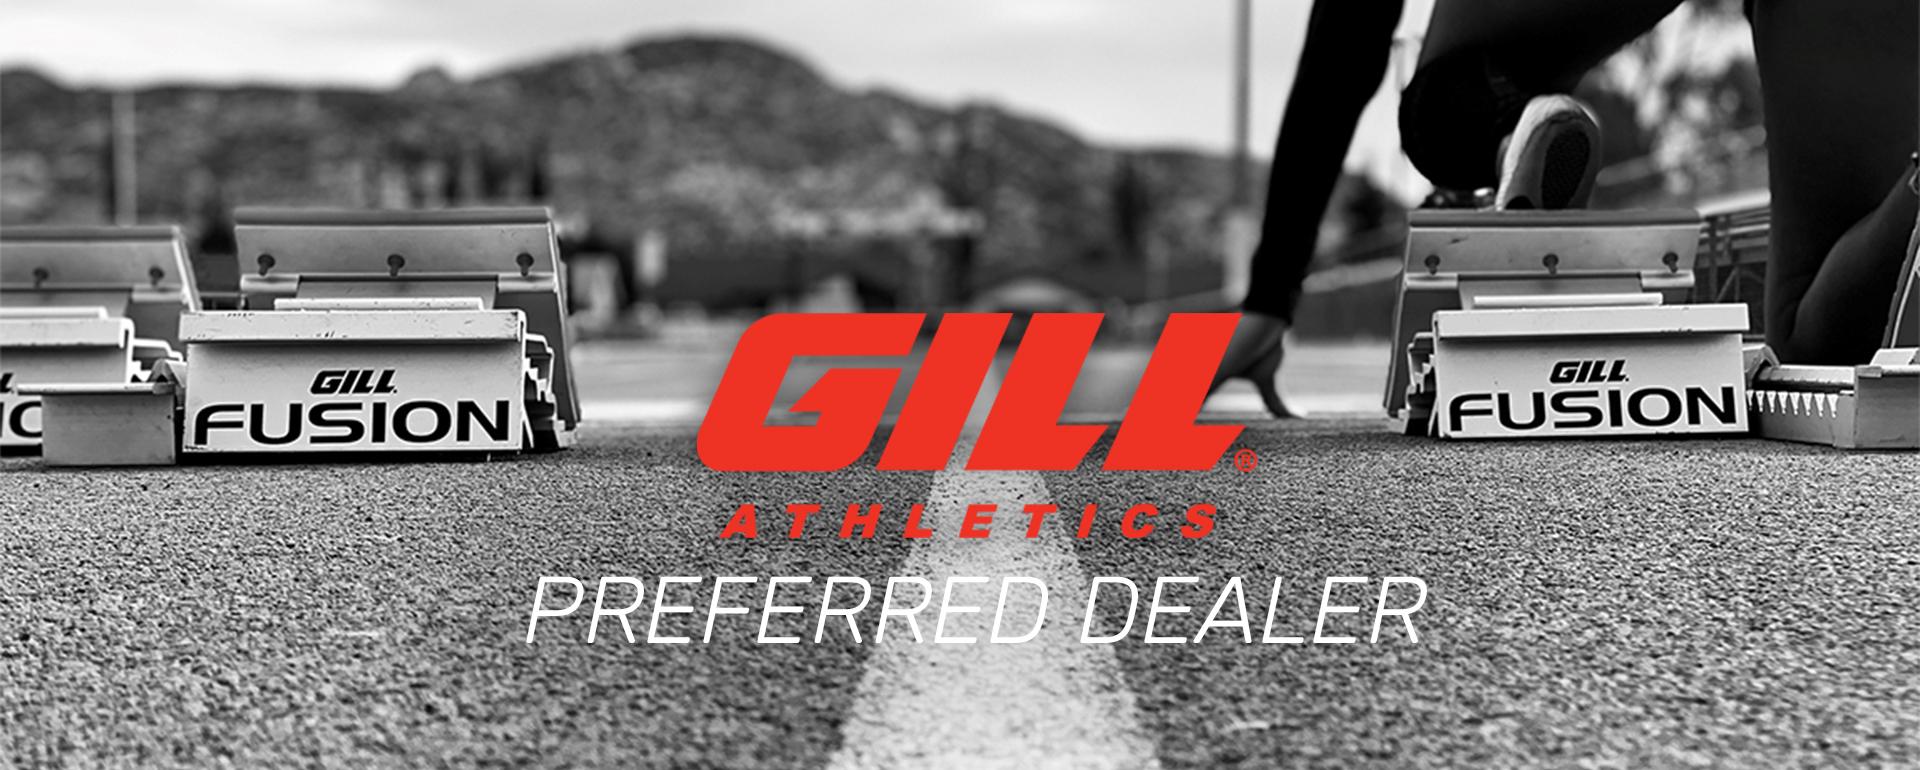 Gill Athletics  Preferred Dealer